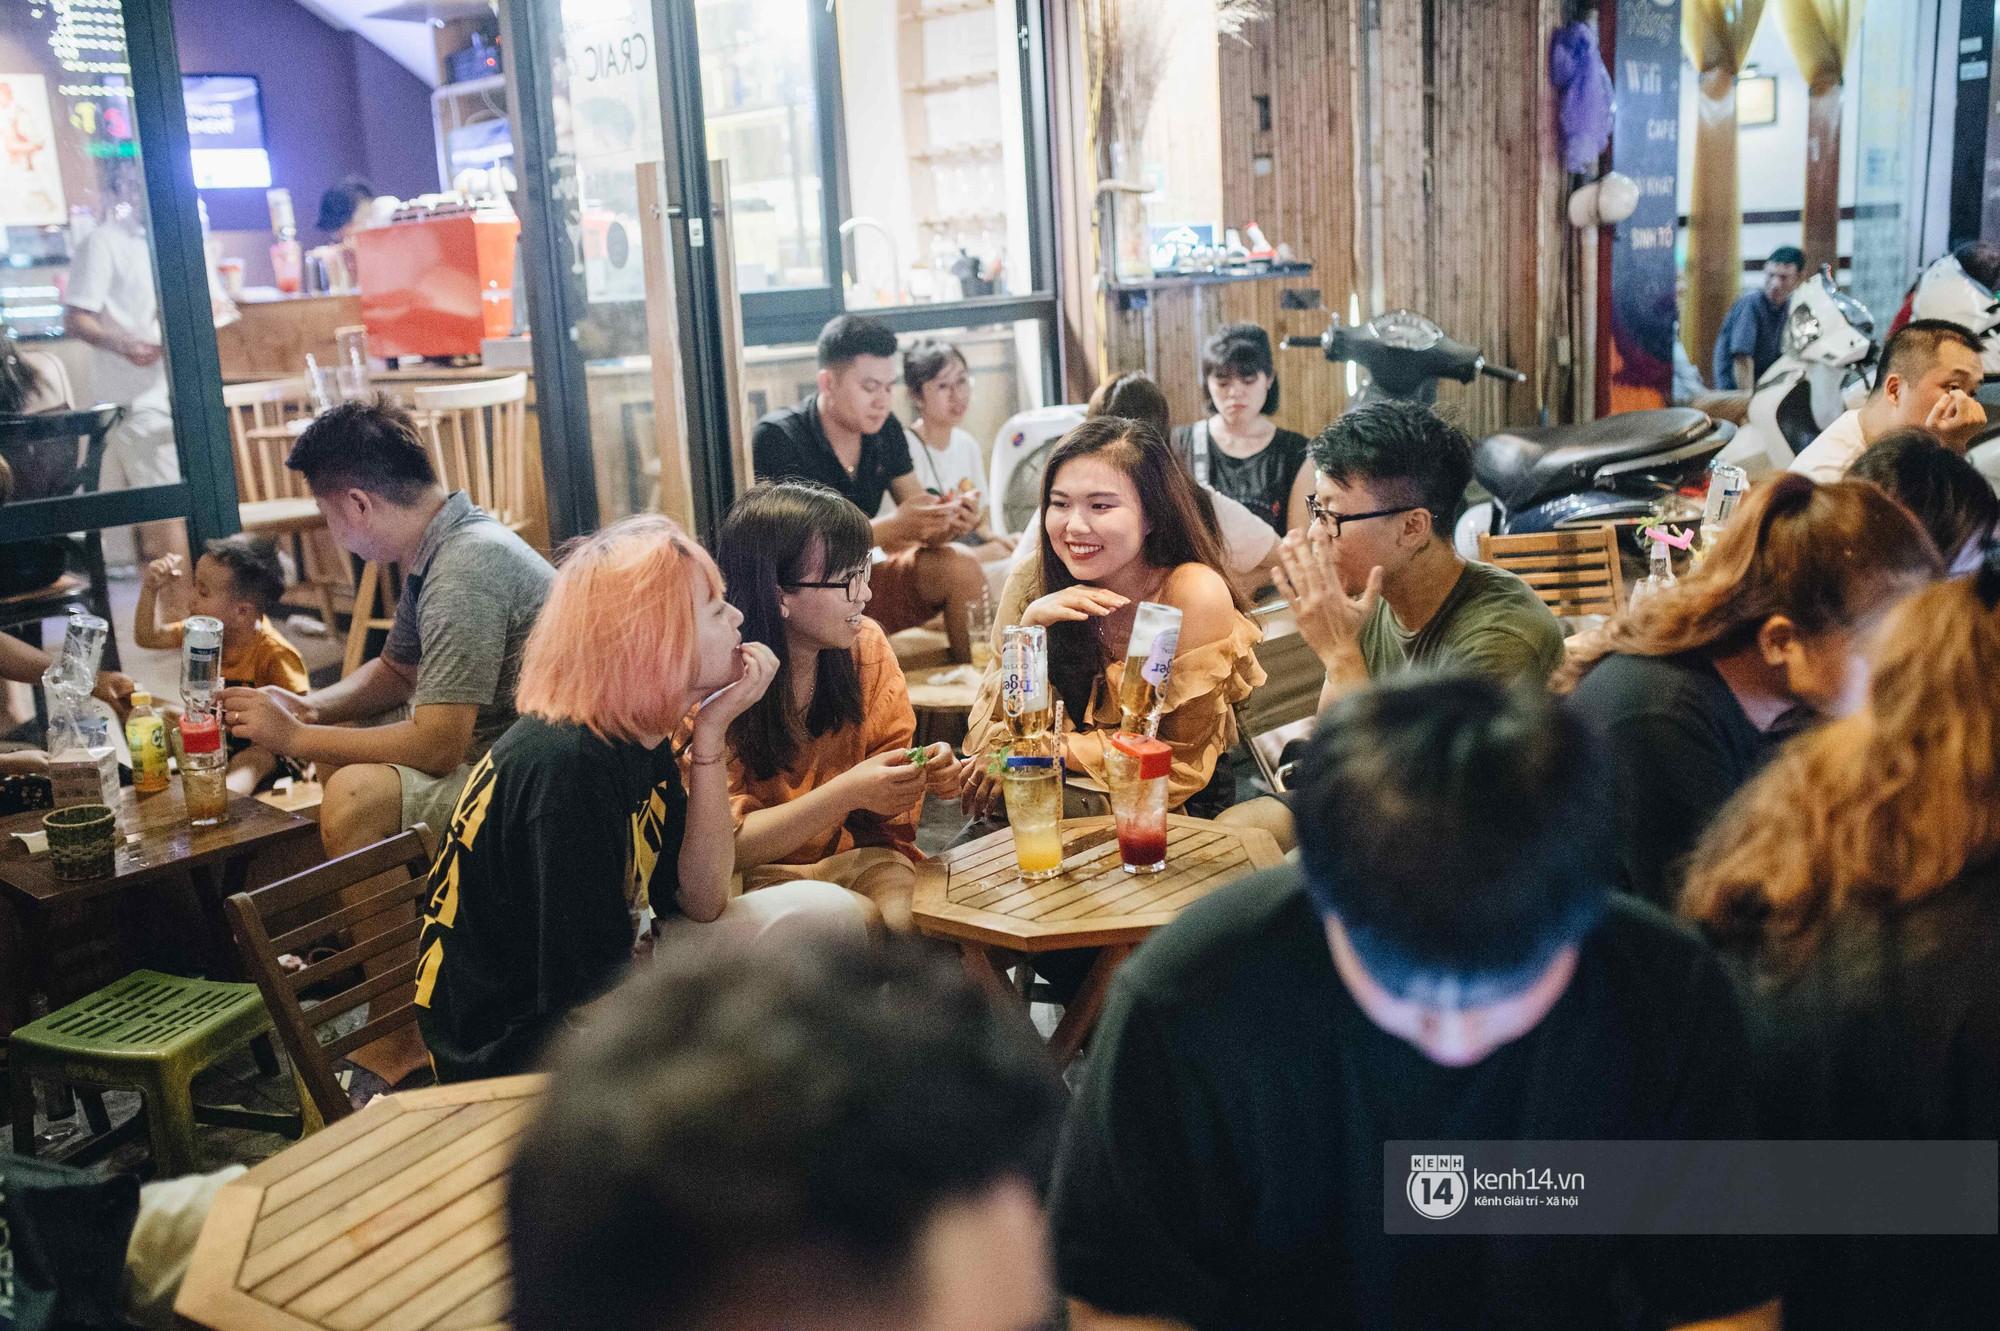 VZN News: Giới trẻ Hà Nội đổ xô đi thử bia úp ngược: chật kín chỗ, nhiều khách phải ngậm ngùi đi về - Ảnh 1.